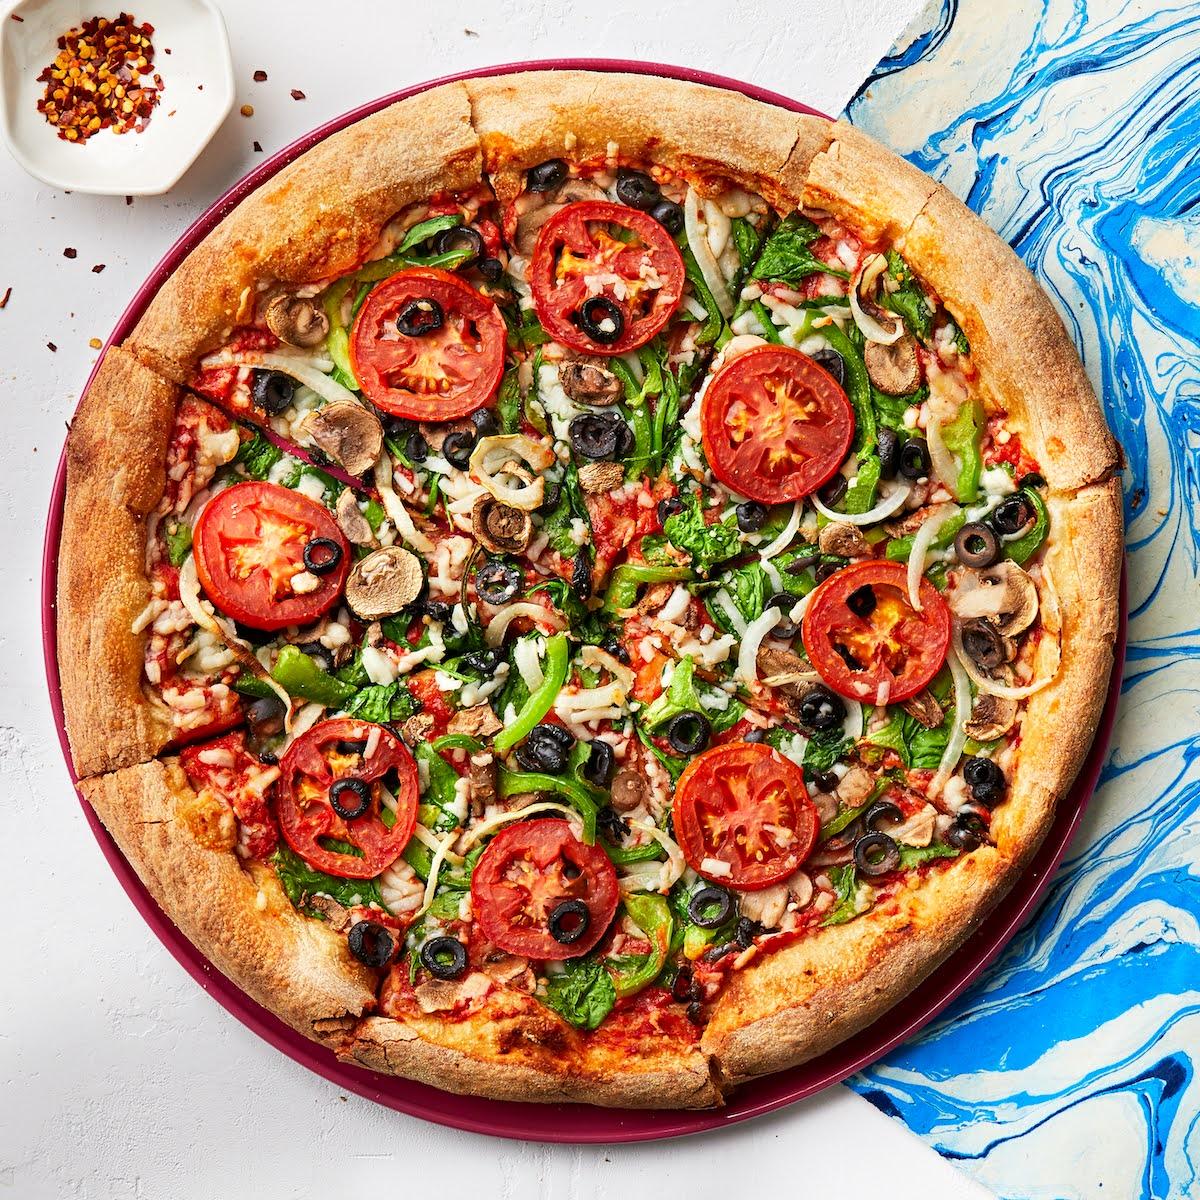 Gluten-Free Veg Out Pizza